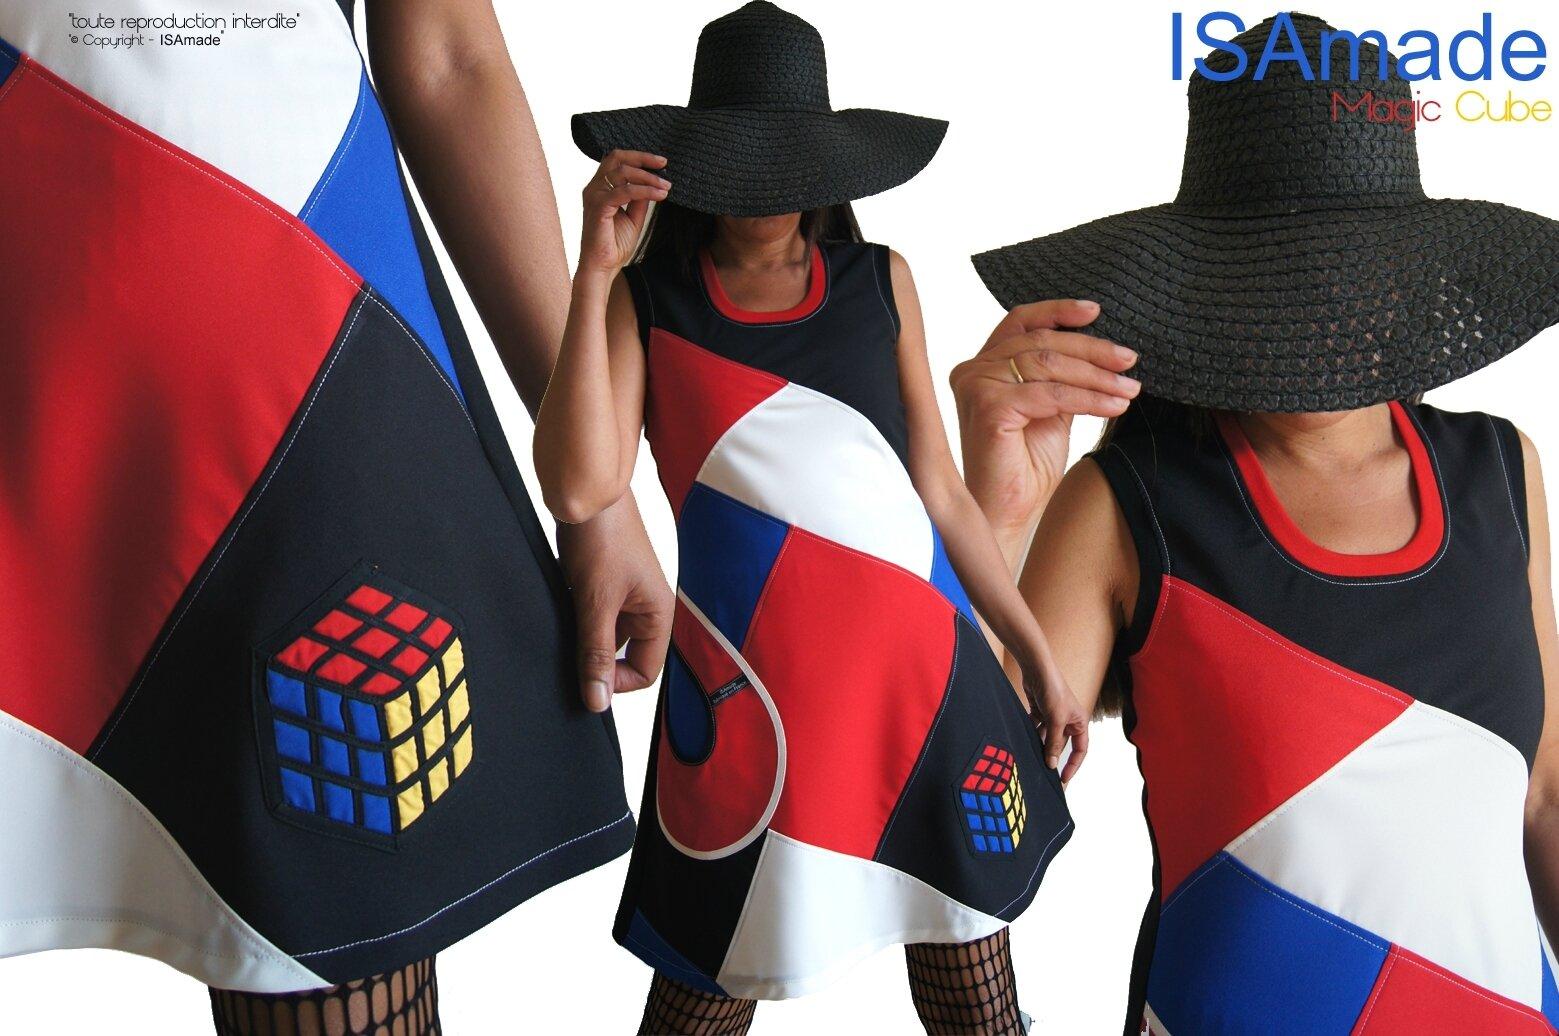 MOD 515A Robe patchwork graphique créateur Arty 70s Magic Cube, un Automne aux influences Seventies : la robe »Magic cube » Made in France